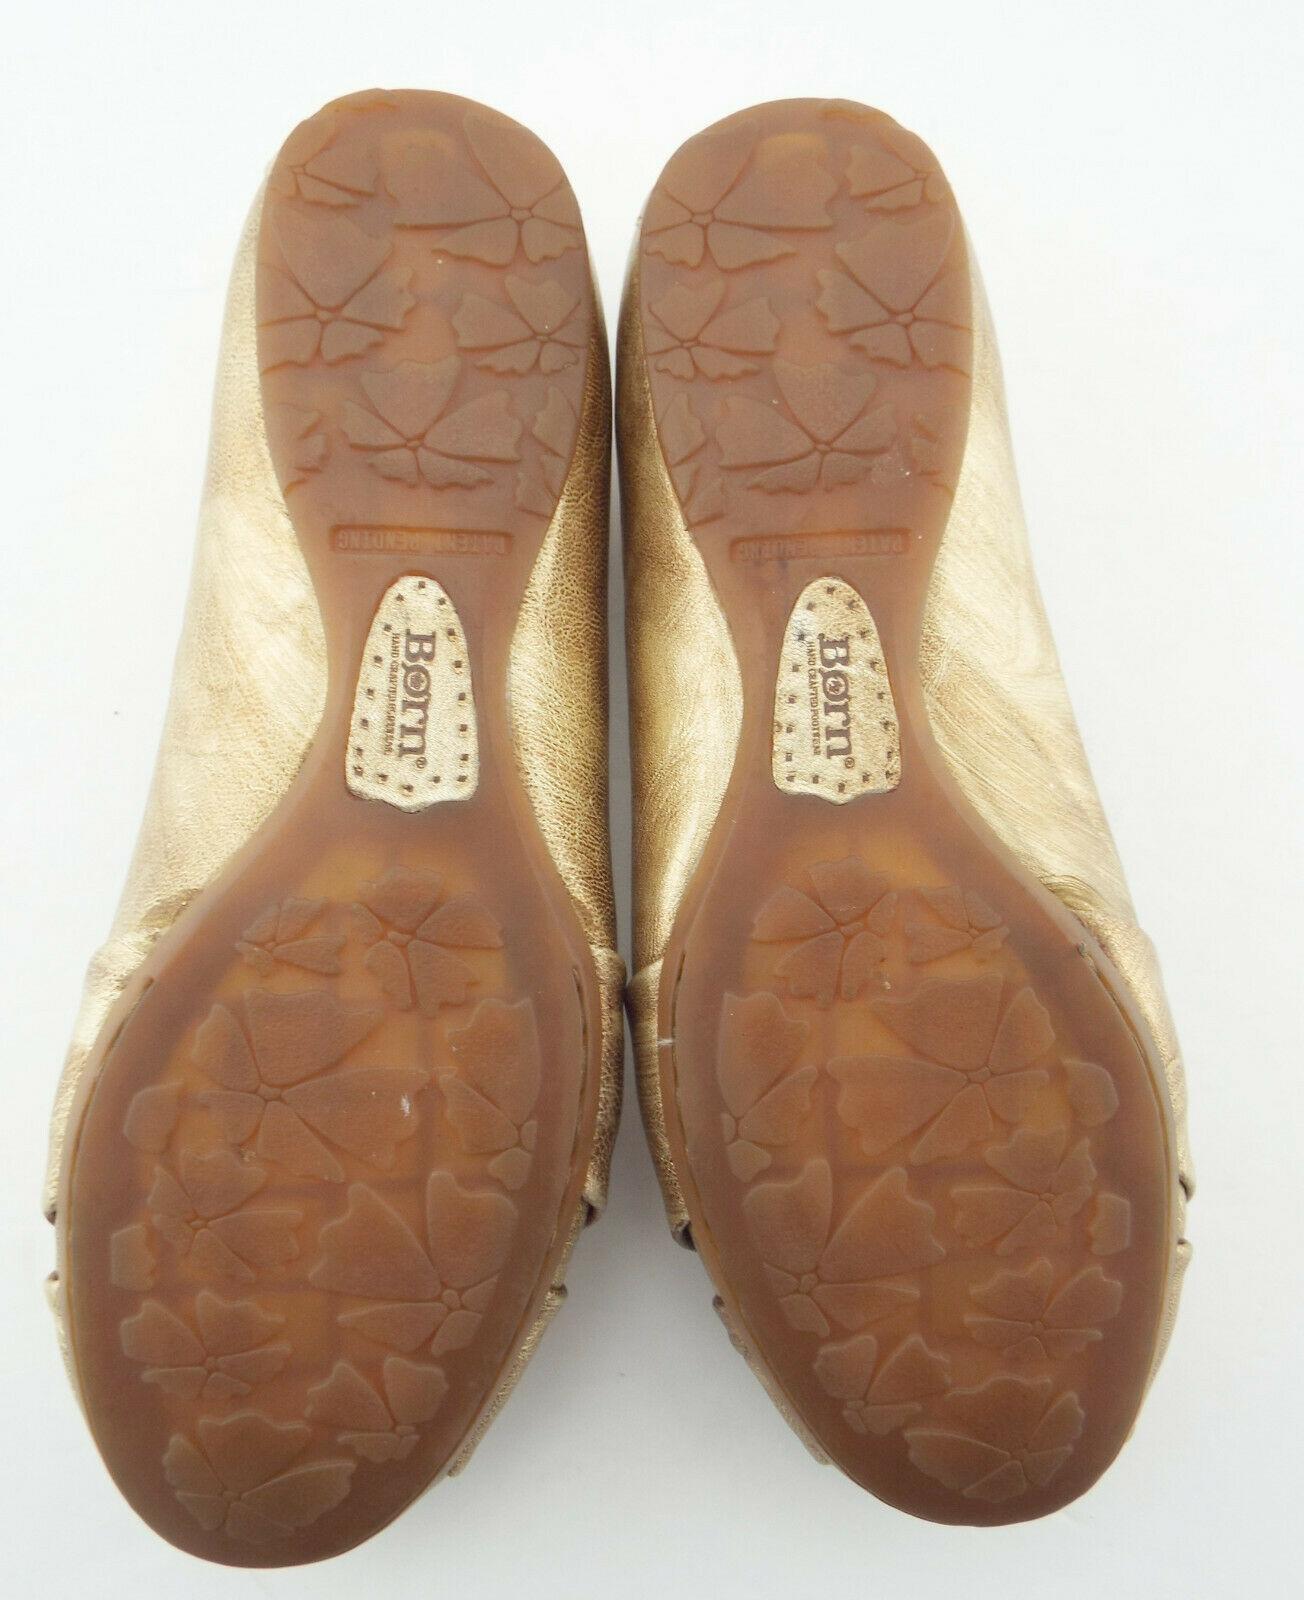 BORN Size 6 Fusion Gold Ballet Flats Shoes 36.5